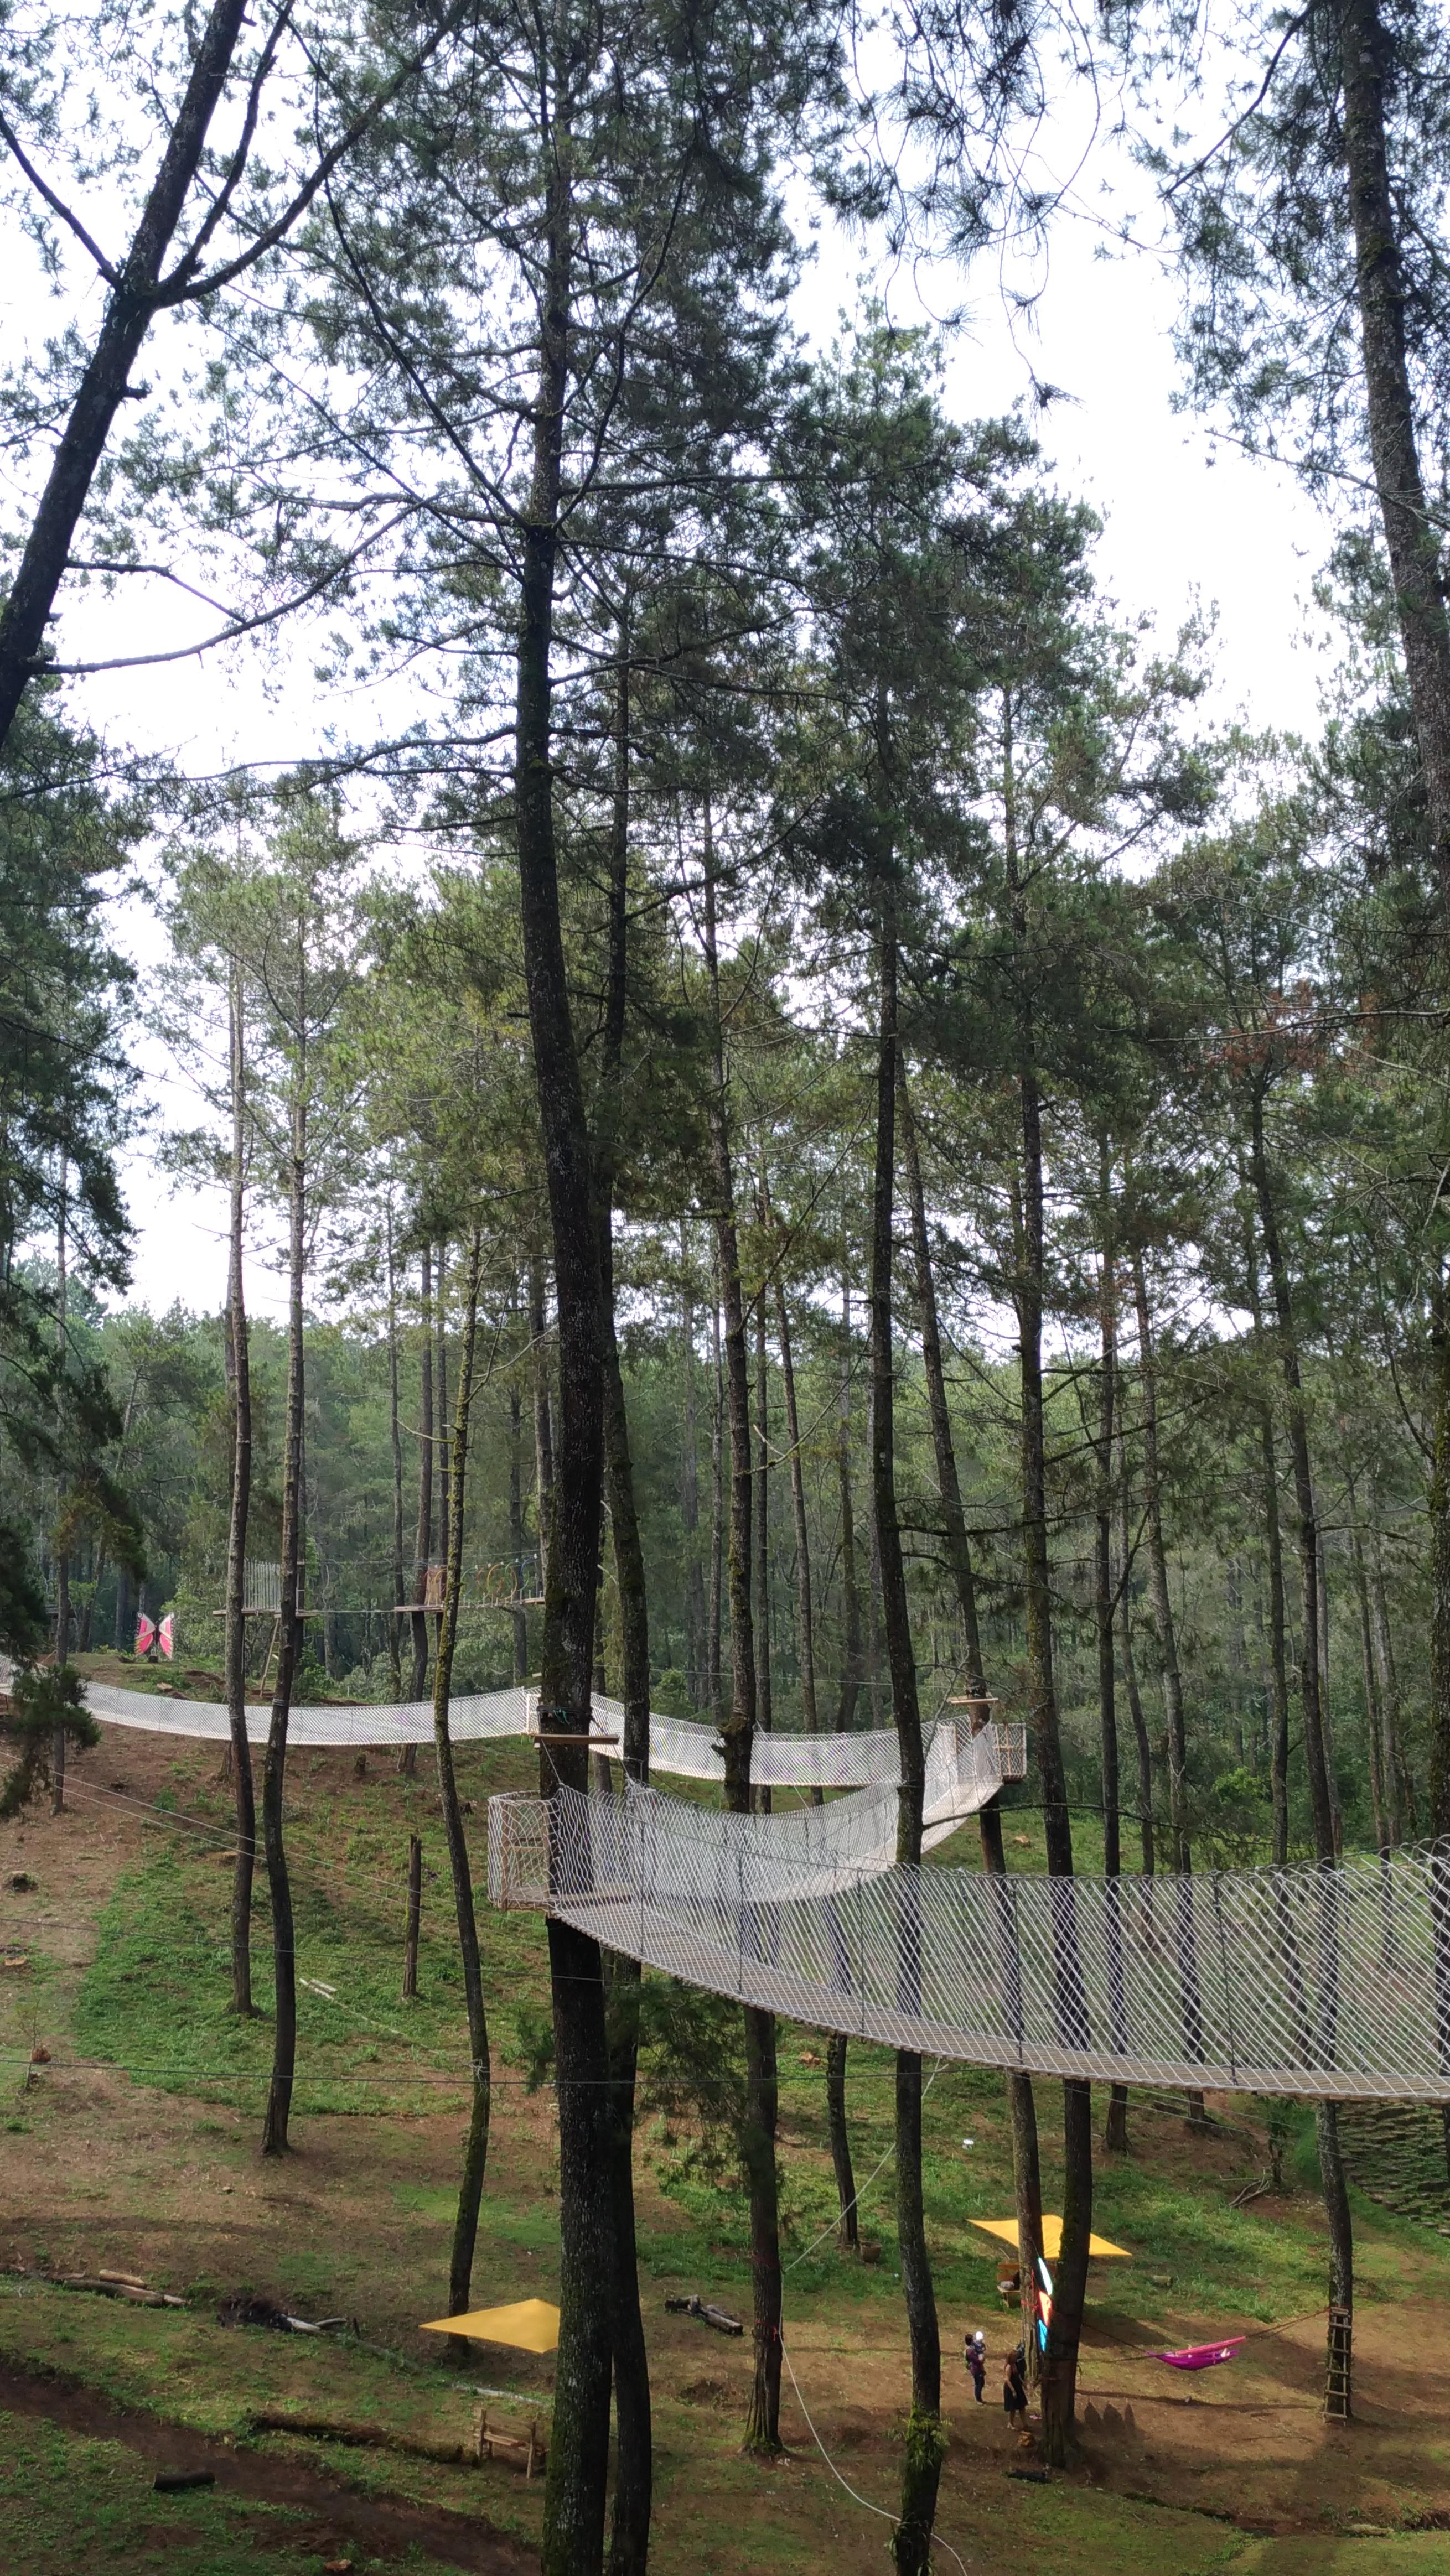 Berikut Harga Tiket Masuk Ke Orchid Forest Cikole Lembang